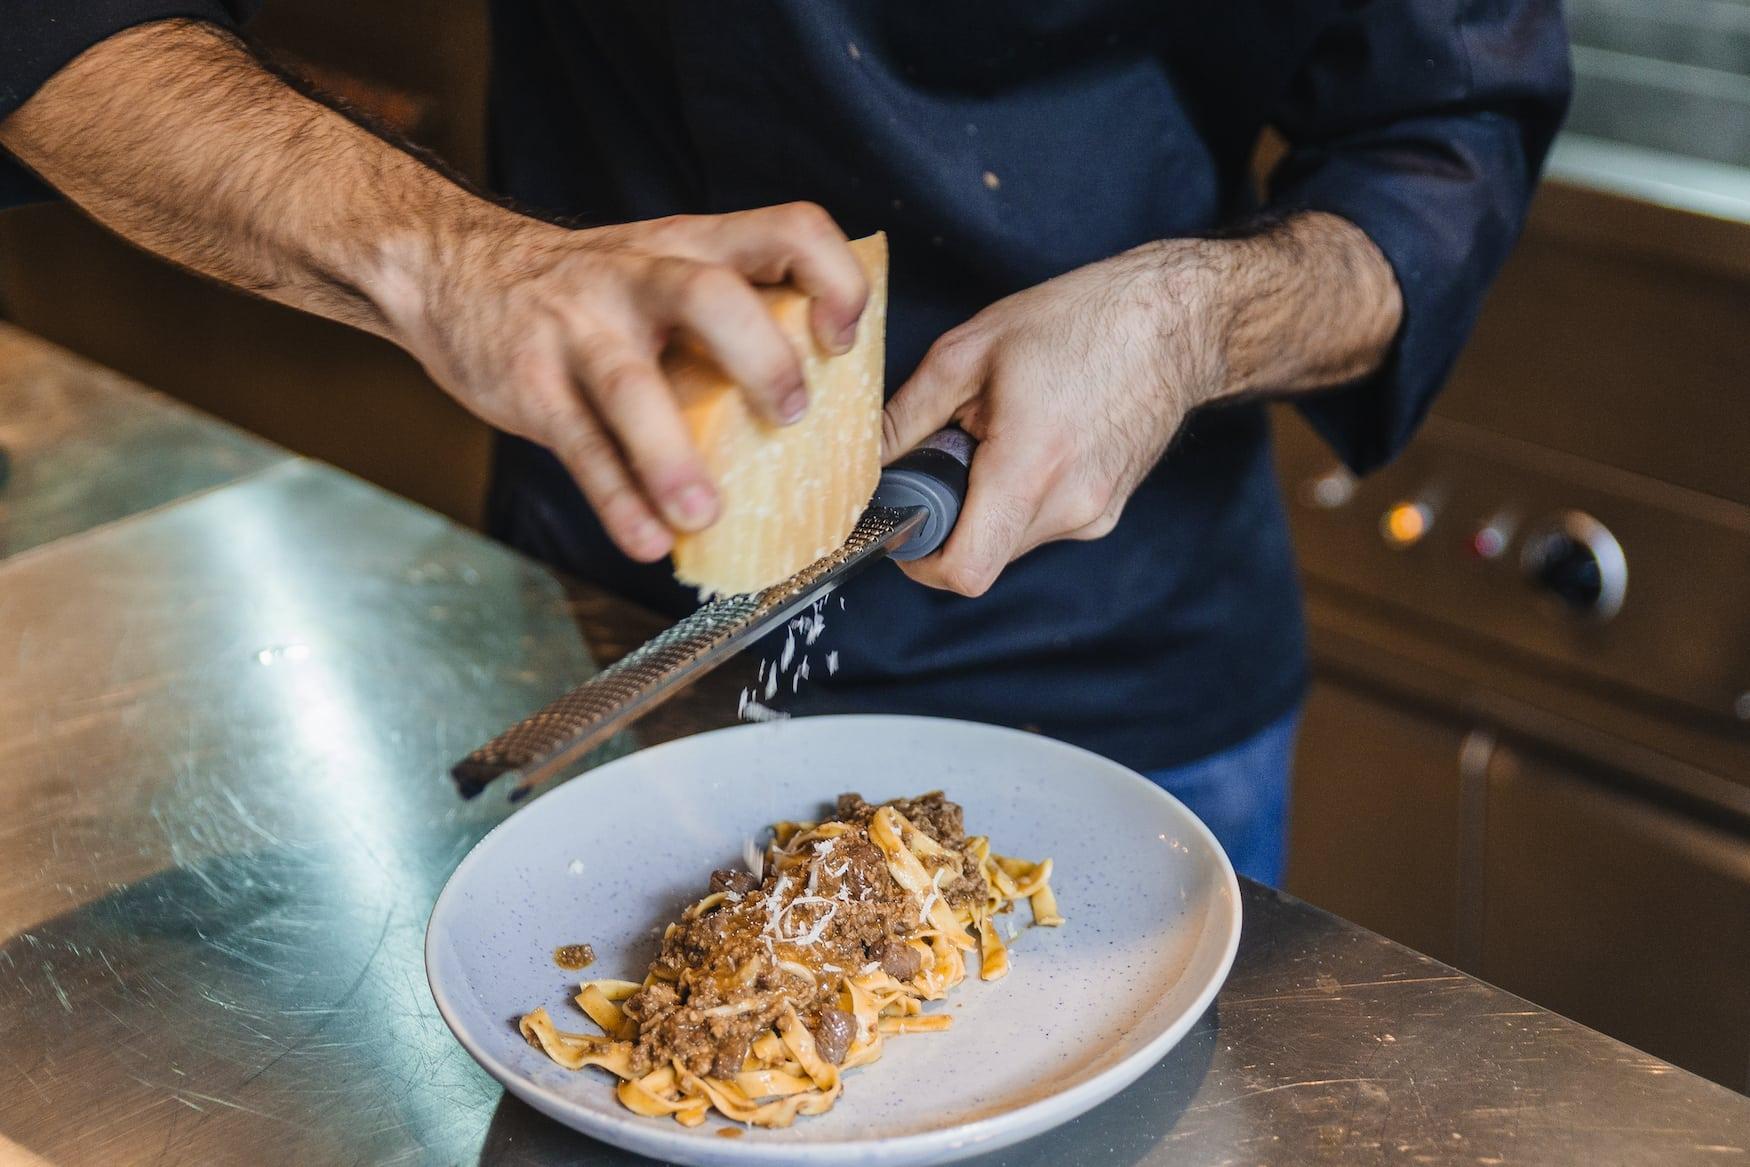 Koch reibt Käse über Tagliatelle al Ragu